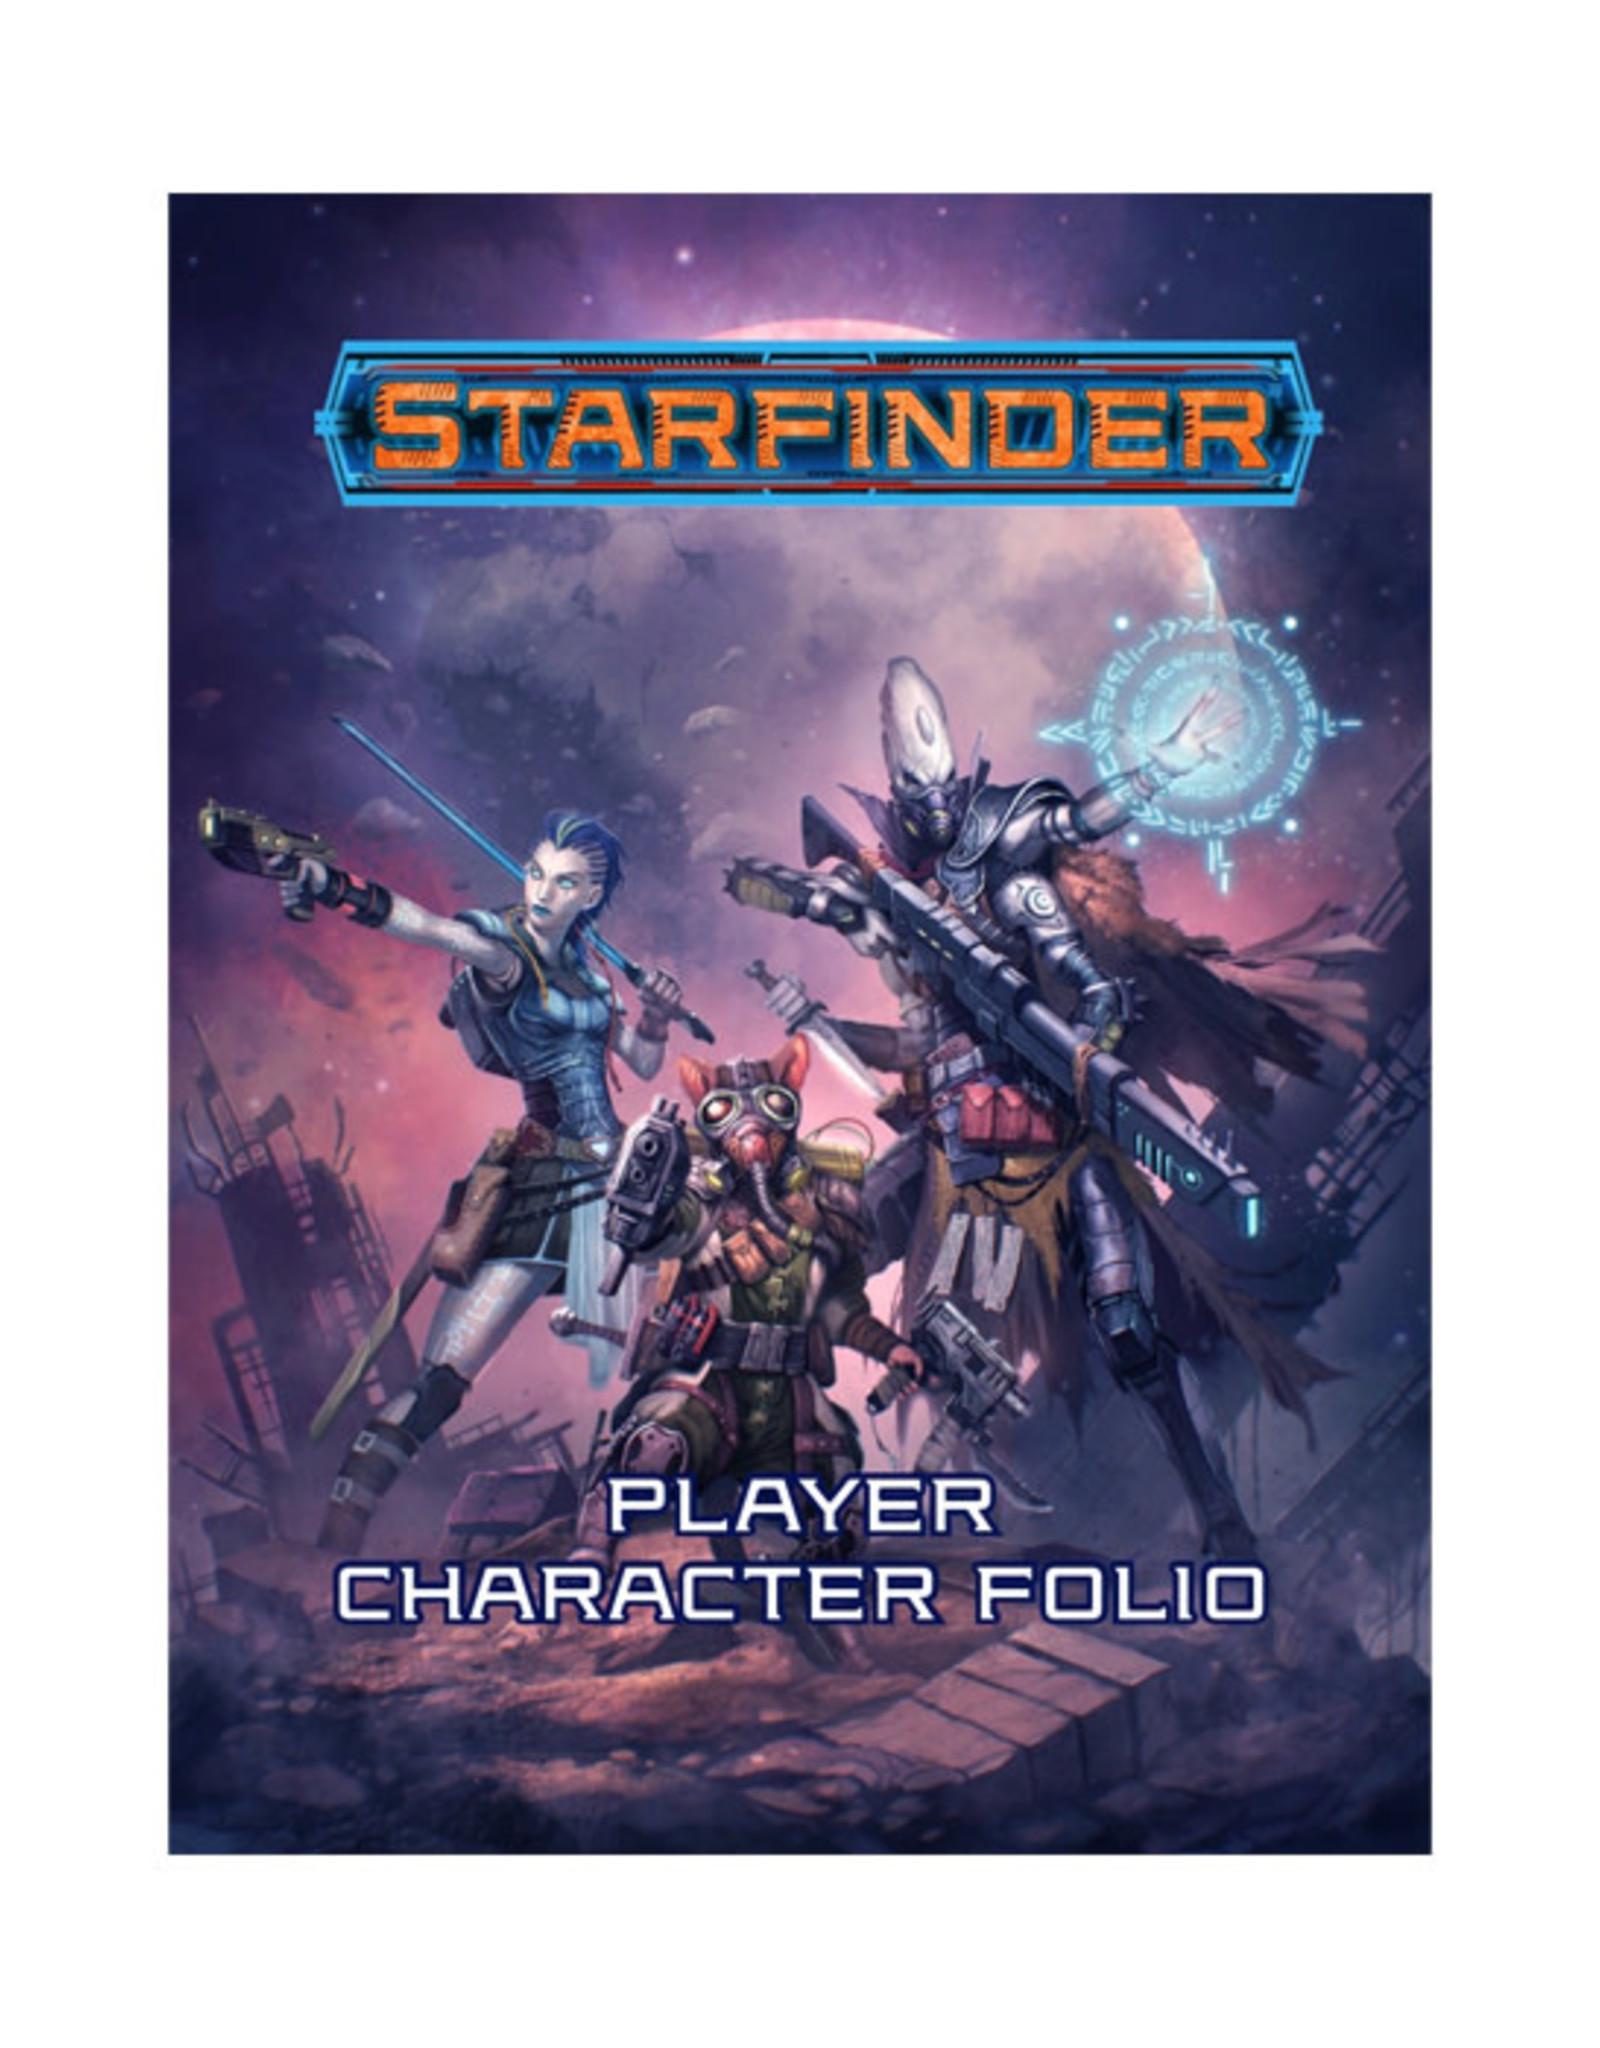 Starfinder Starfinder: Player Character Folio